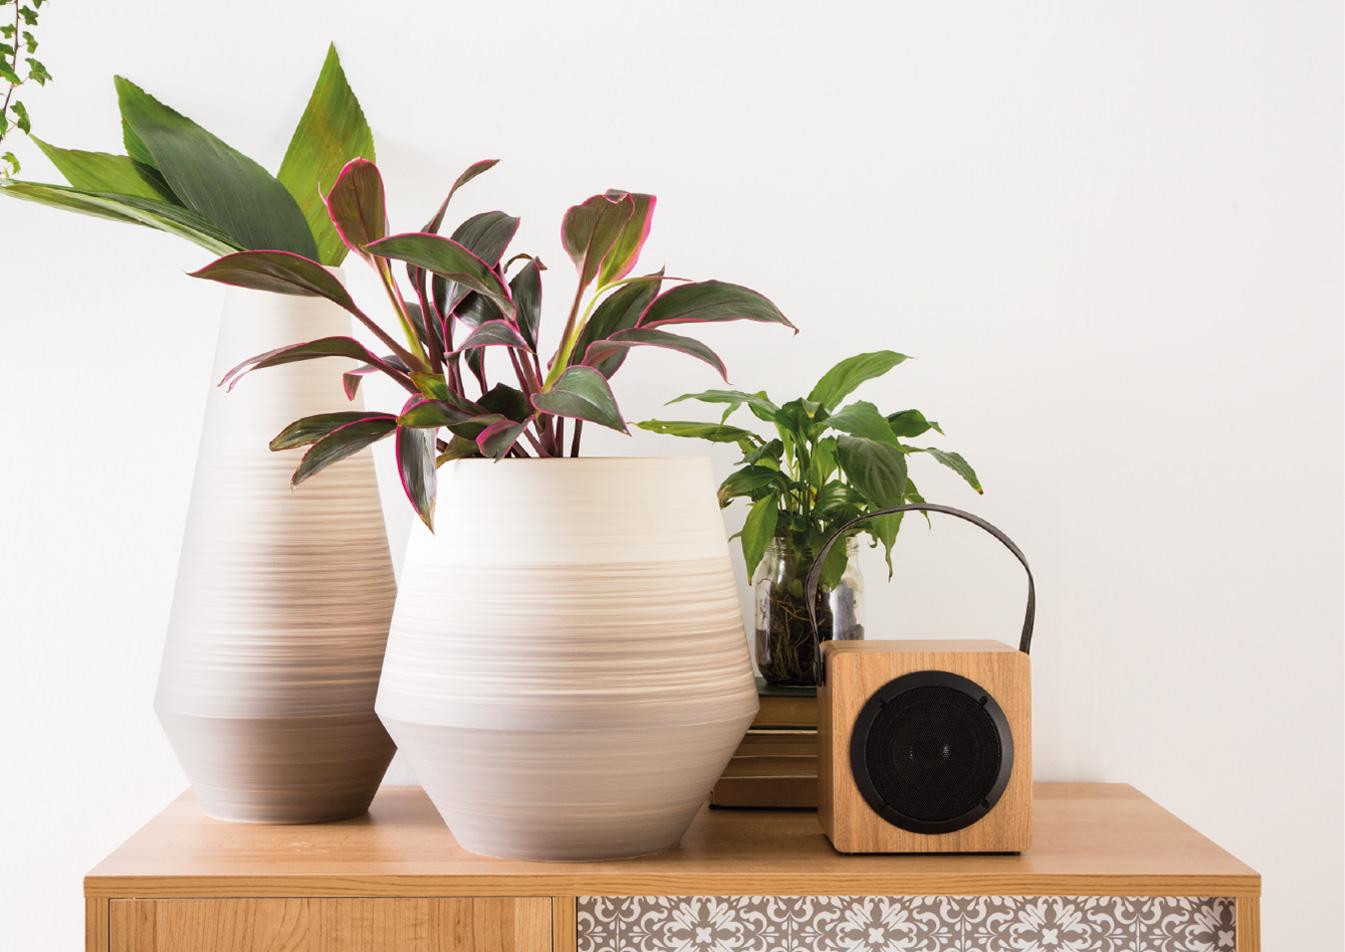 arredamento per l'autunno - vasi ceramica tognana wheel